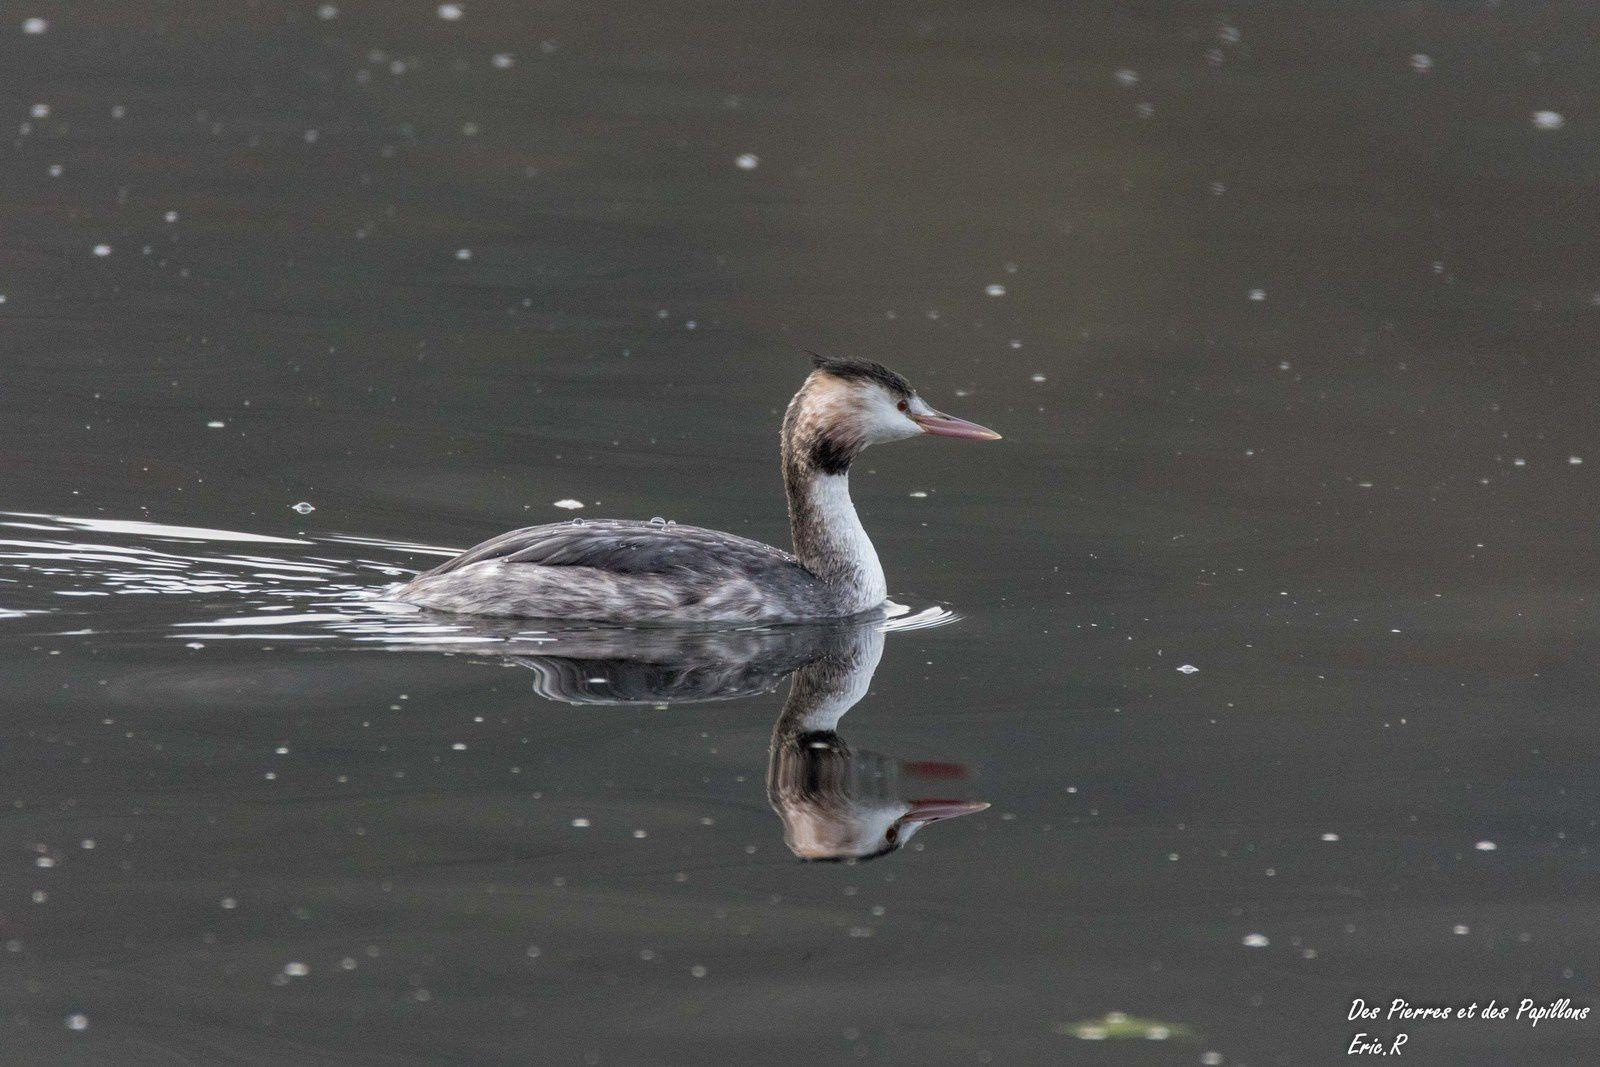 Des grèbes huppés avec leur plumage hivernal.